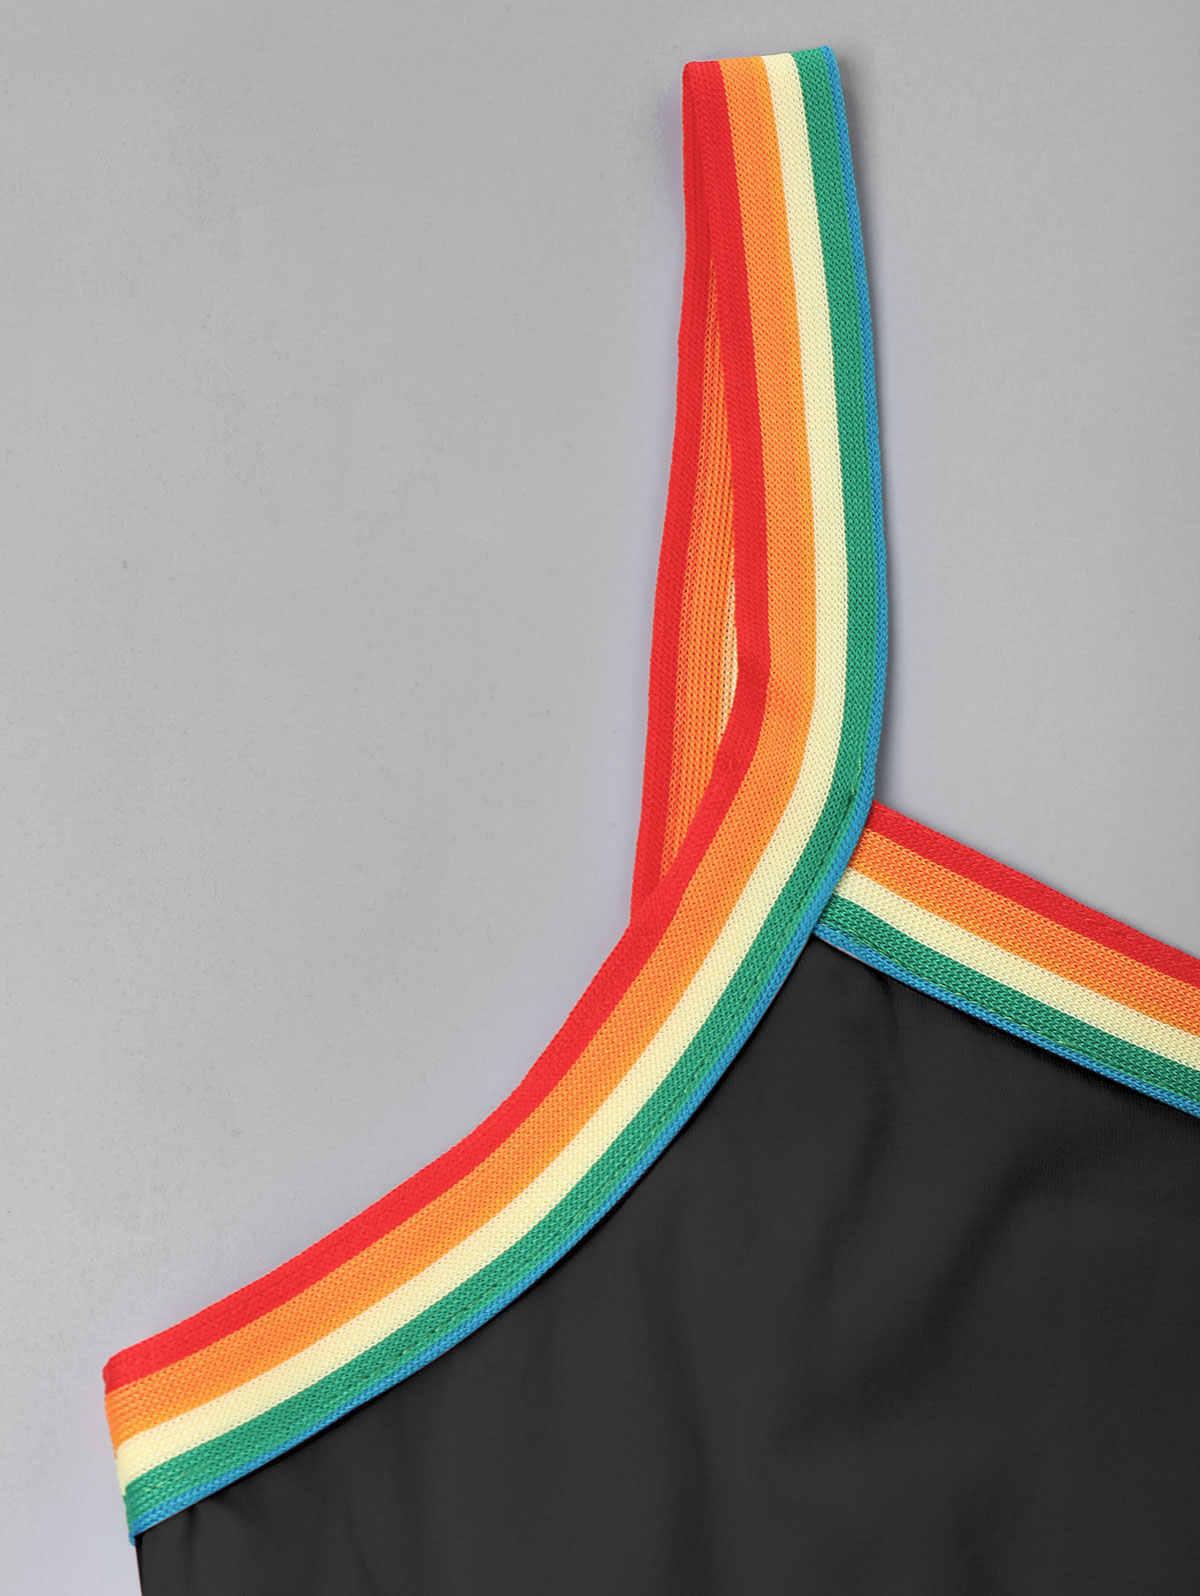 ZAFUL Радуга Отделка шнурок Cami комбинезон без рукавов Спагетти ремень женские этнические комбинезоны уличная спортивная одежда в стиле кэжуал 2019